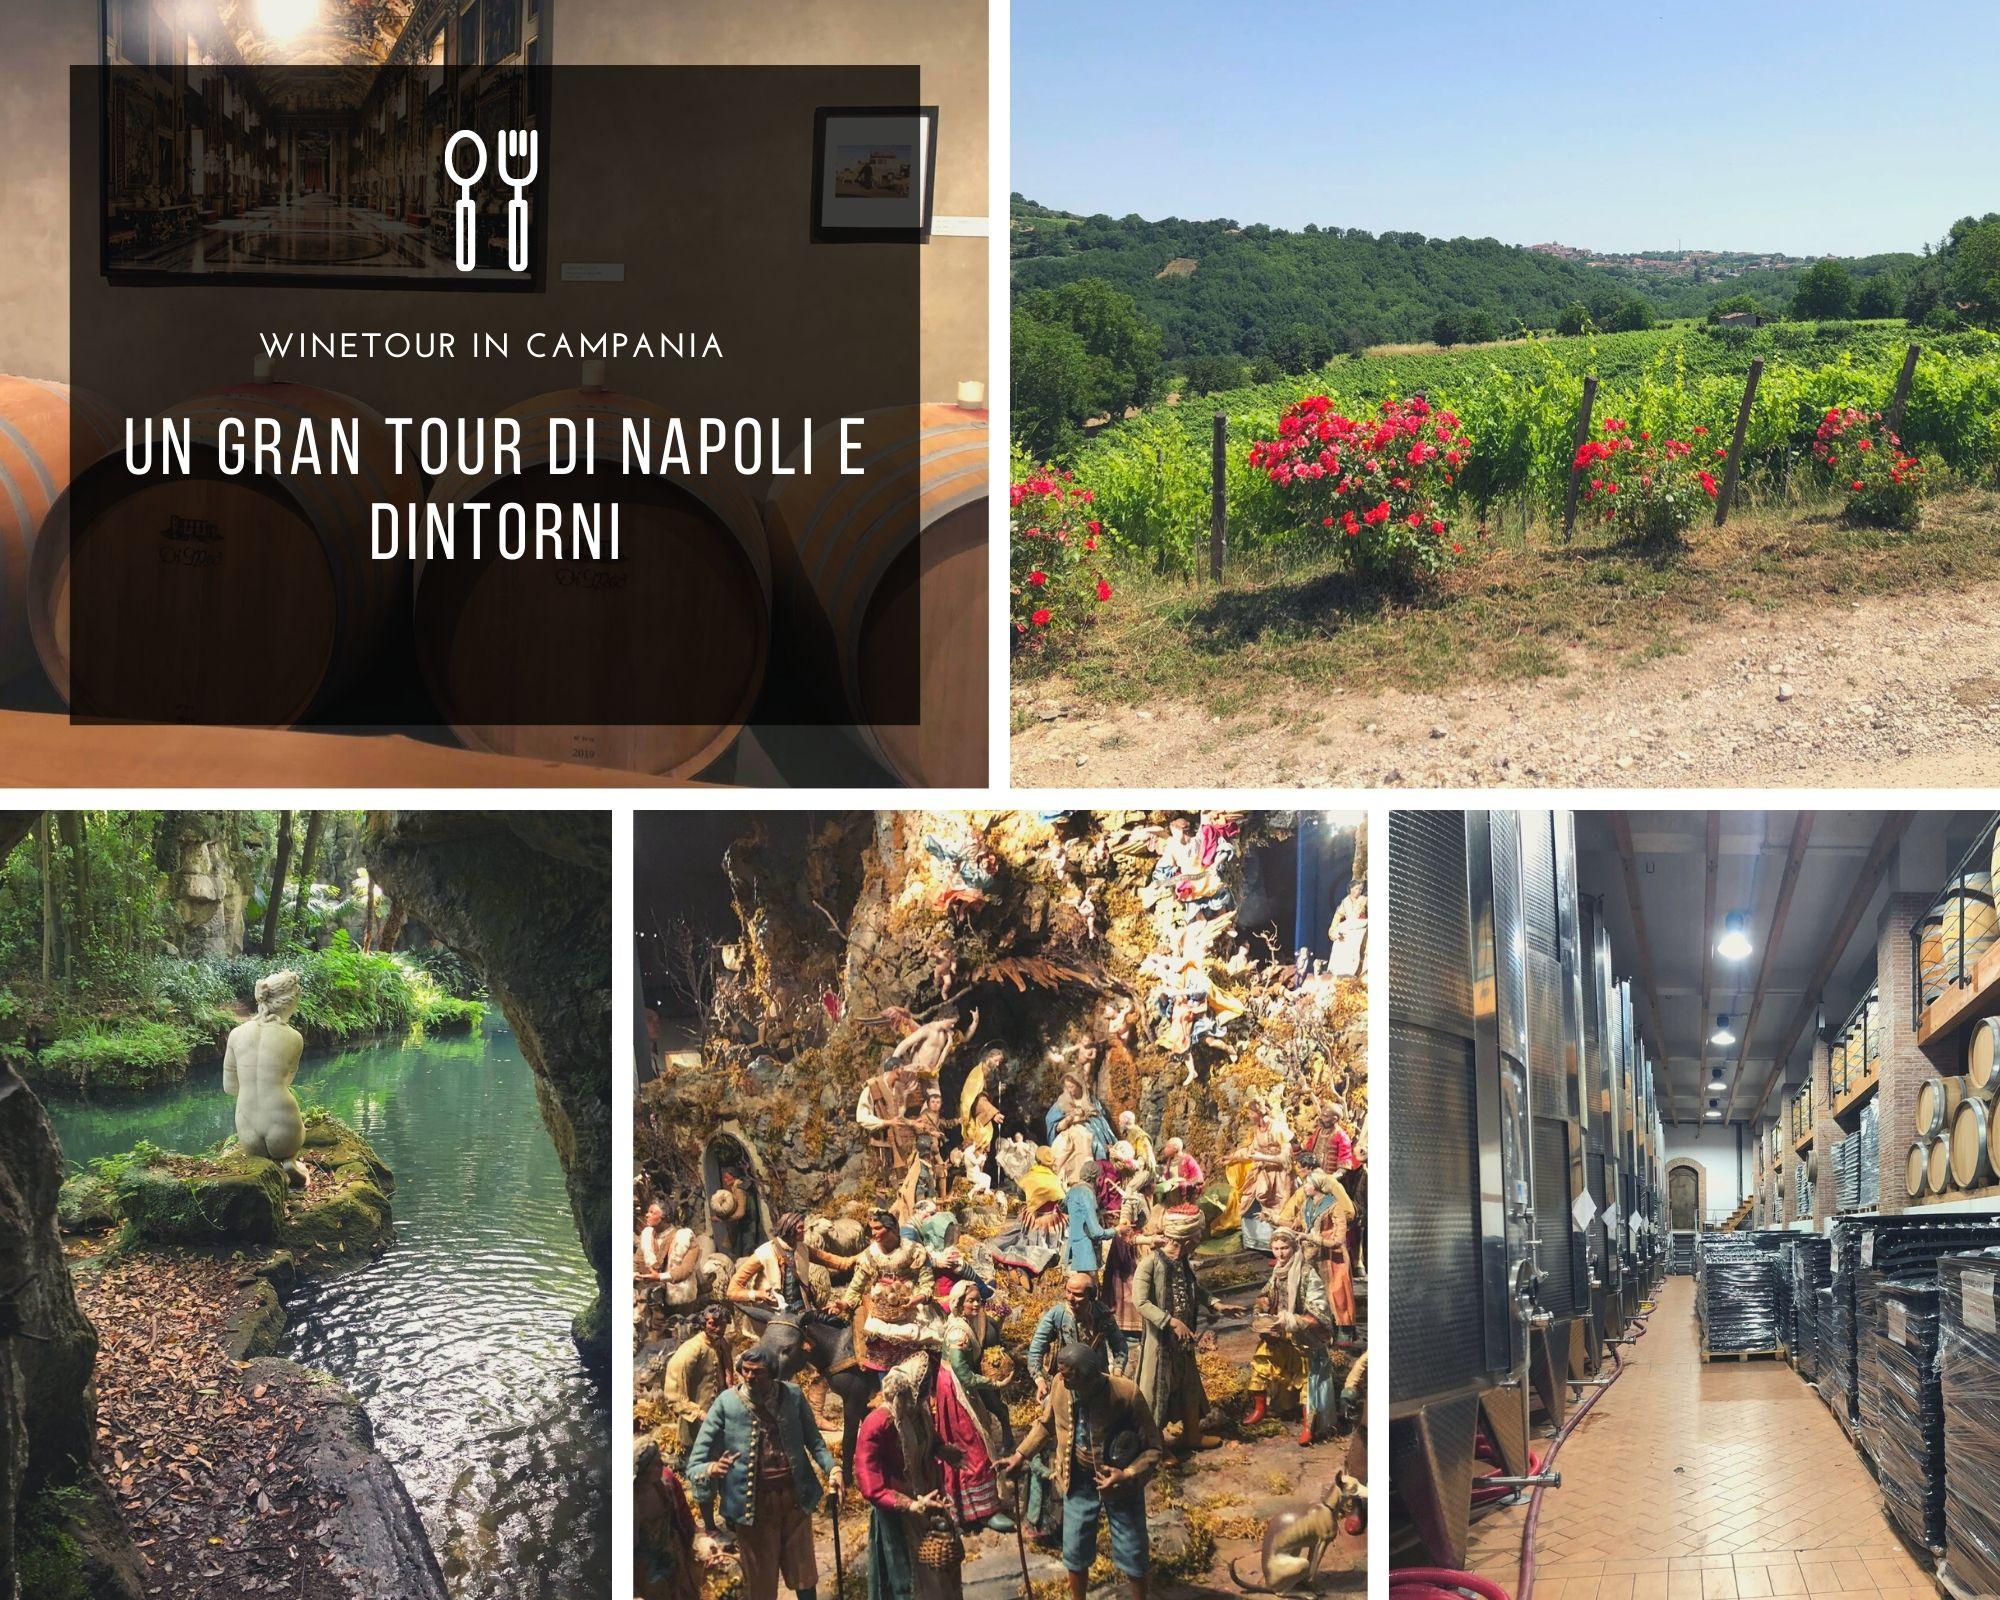 Winetour In Campania: Un Gran Tour Di Napoli E Dintorni